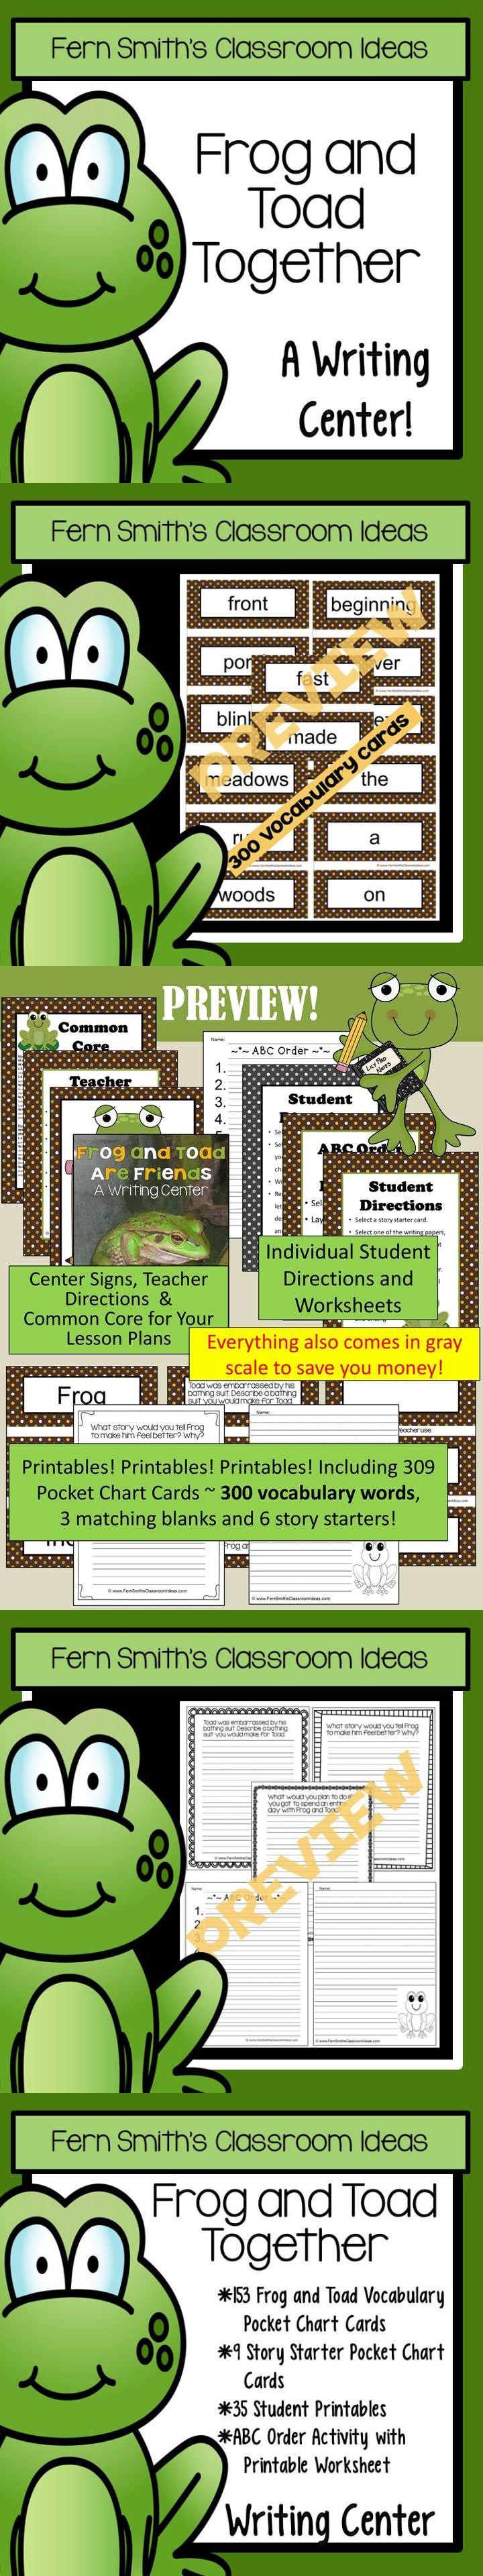 Worksheets Frog And Toad Together Worksheets frog and toad together writing center book companion 153 vocabulary pocket chart cards 9 story starter poc